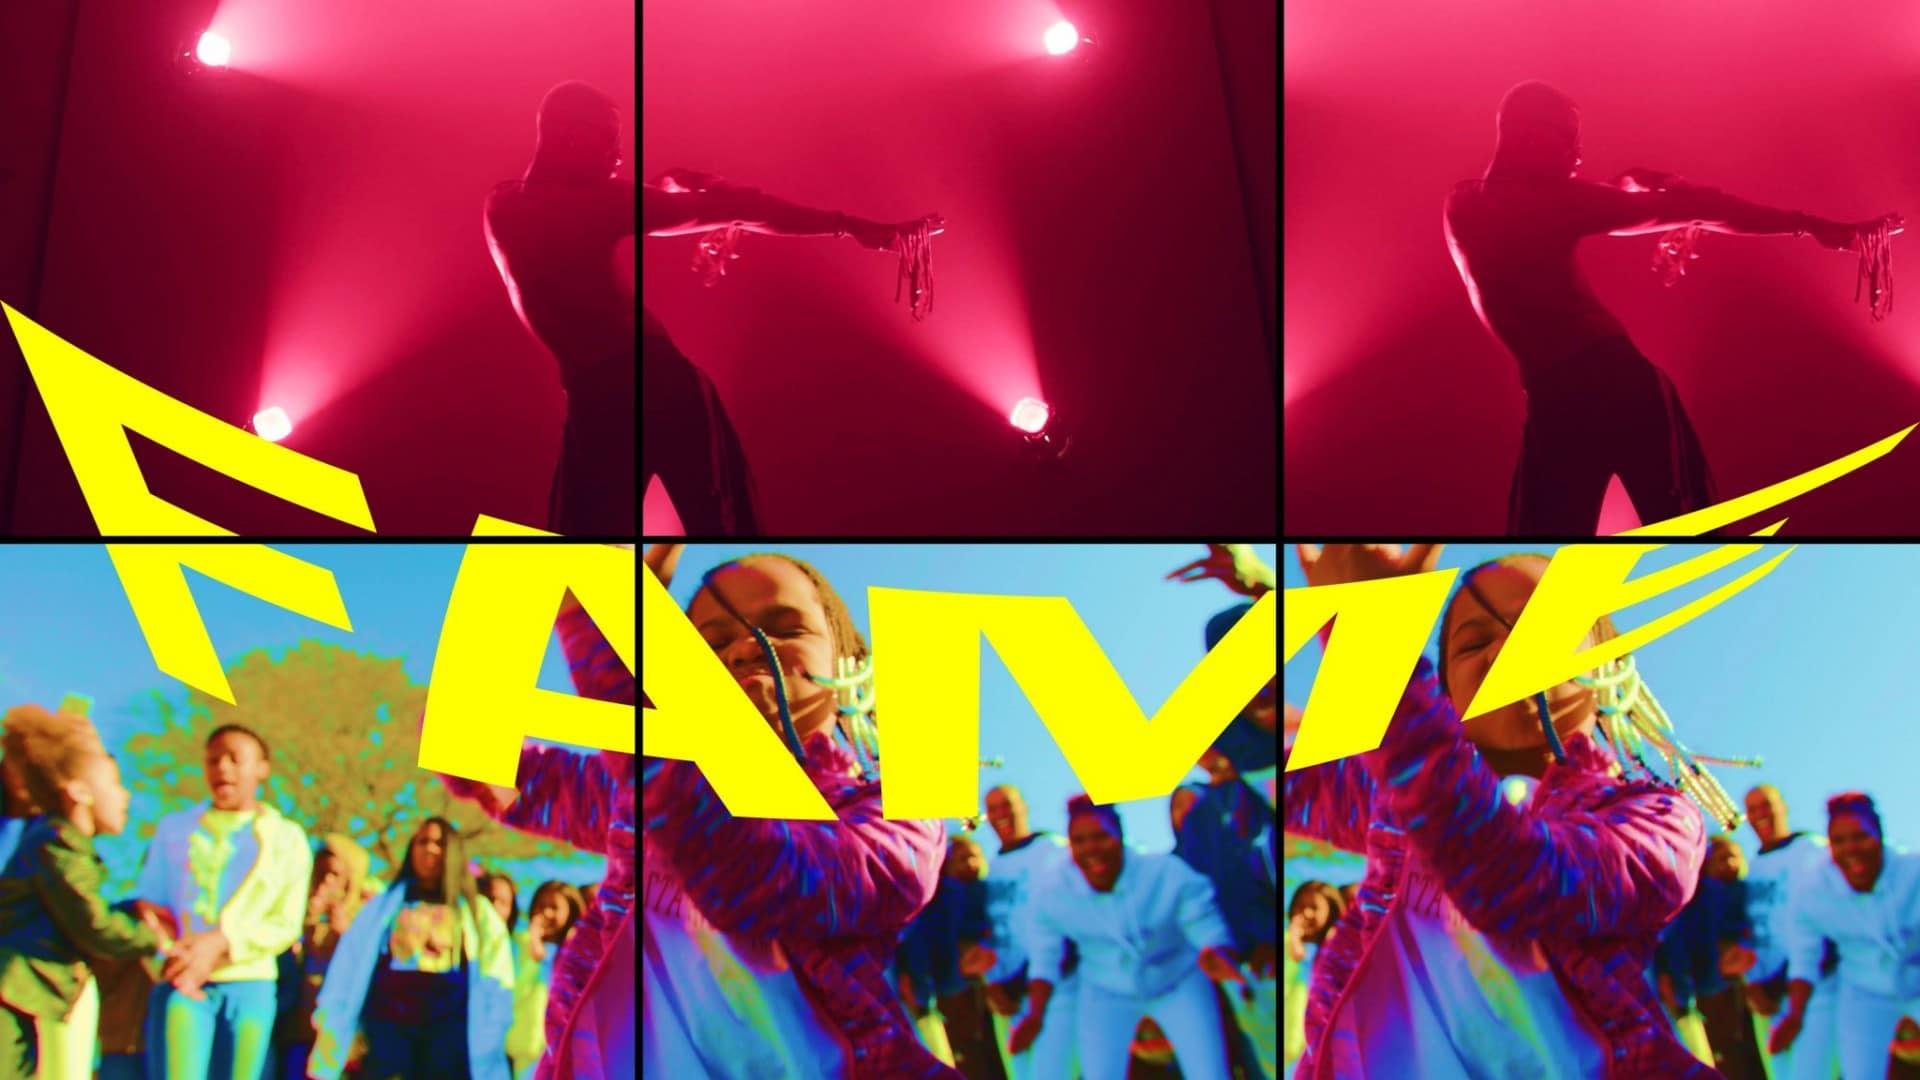 fame - Gaité lyrique - films - festival - projection - musique